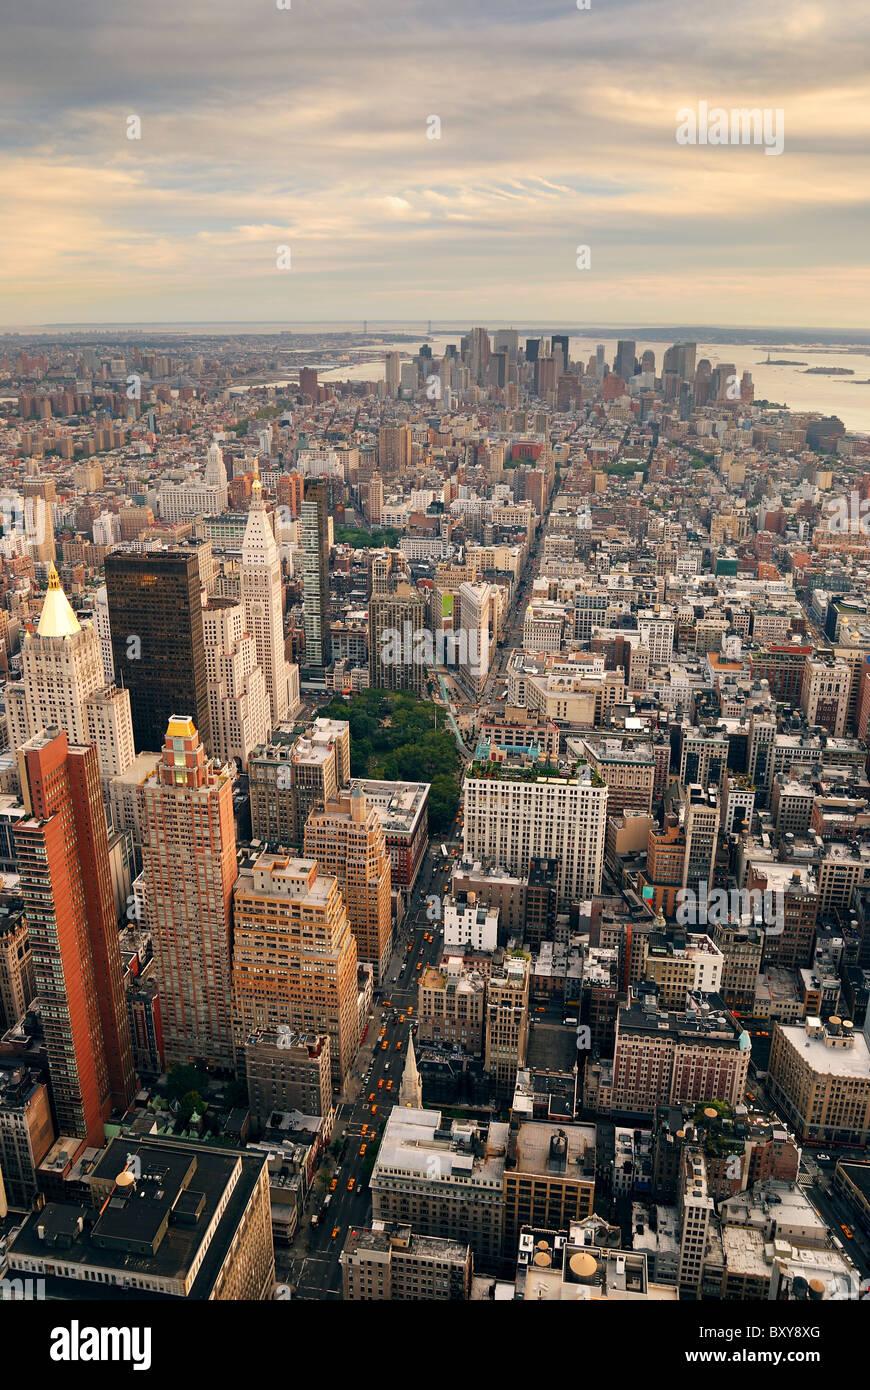 New York City Manhattan skyline coucher du soleil Vue aérienne avec des gratte-ciel de bureaux et l'Hudson. Photo Stock